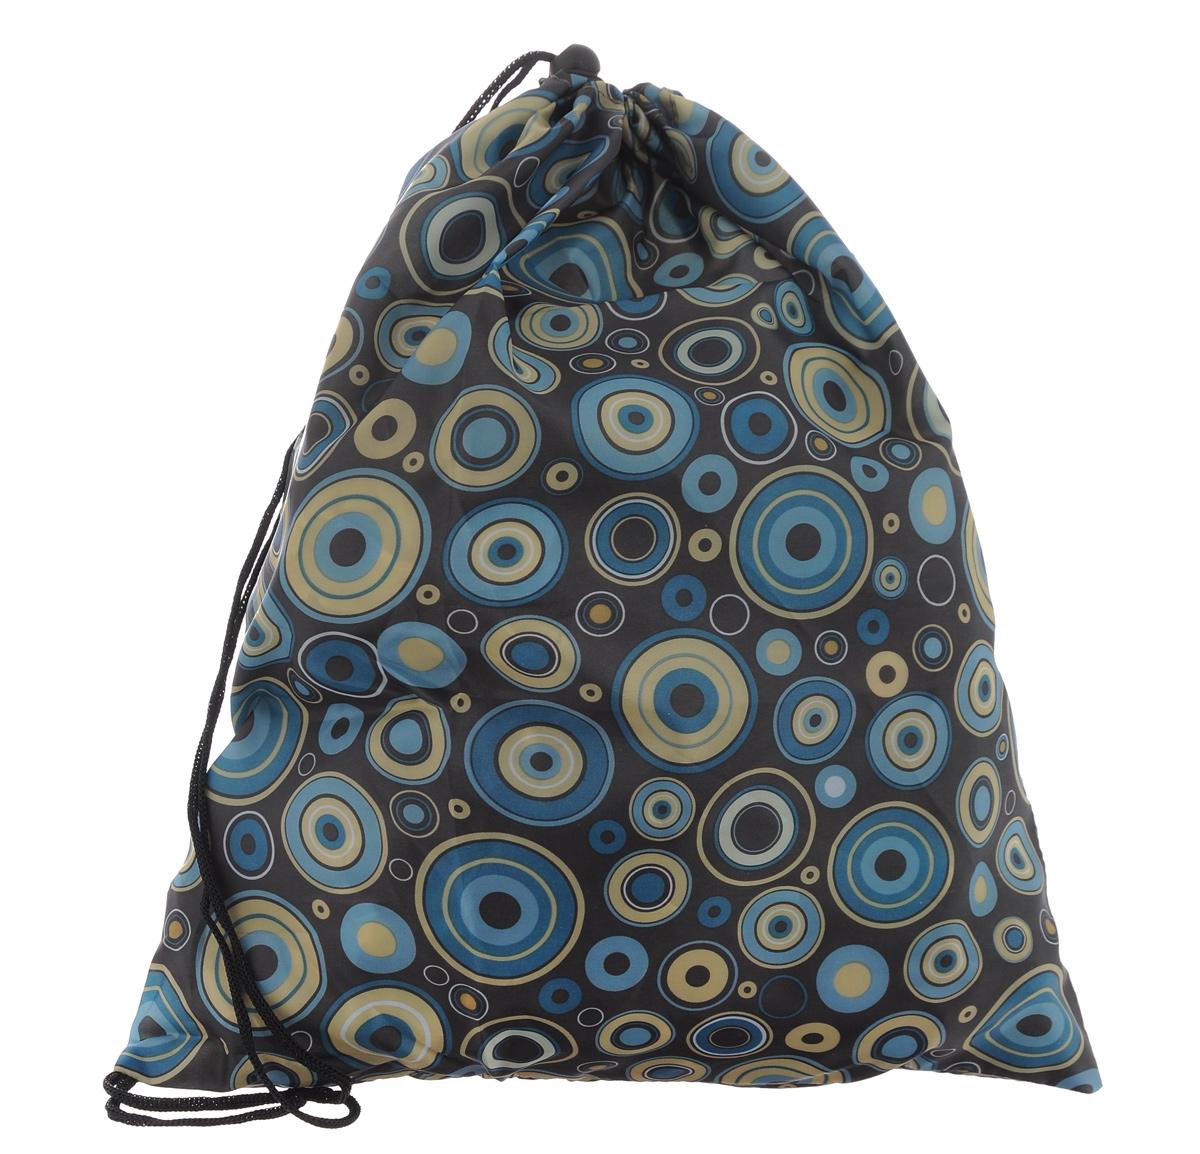 Eva Сумка для сменной обуви цвет хакиЕ25_хаки/кругиСумку для сменной обуви Eva удобно использовать как для хранения, так и для переноски сменной обуви. Она выполнена из прочного полиэстера и затягивается сверху текстильными шнурками. Плотный материал обеспечит надежность и долговечность сумки. Шнурки фиксируются в нижней части сумки, благодаря чему ее можно носить за спиной как рюкзак.